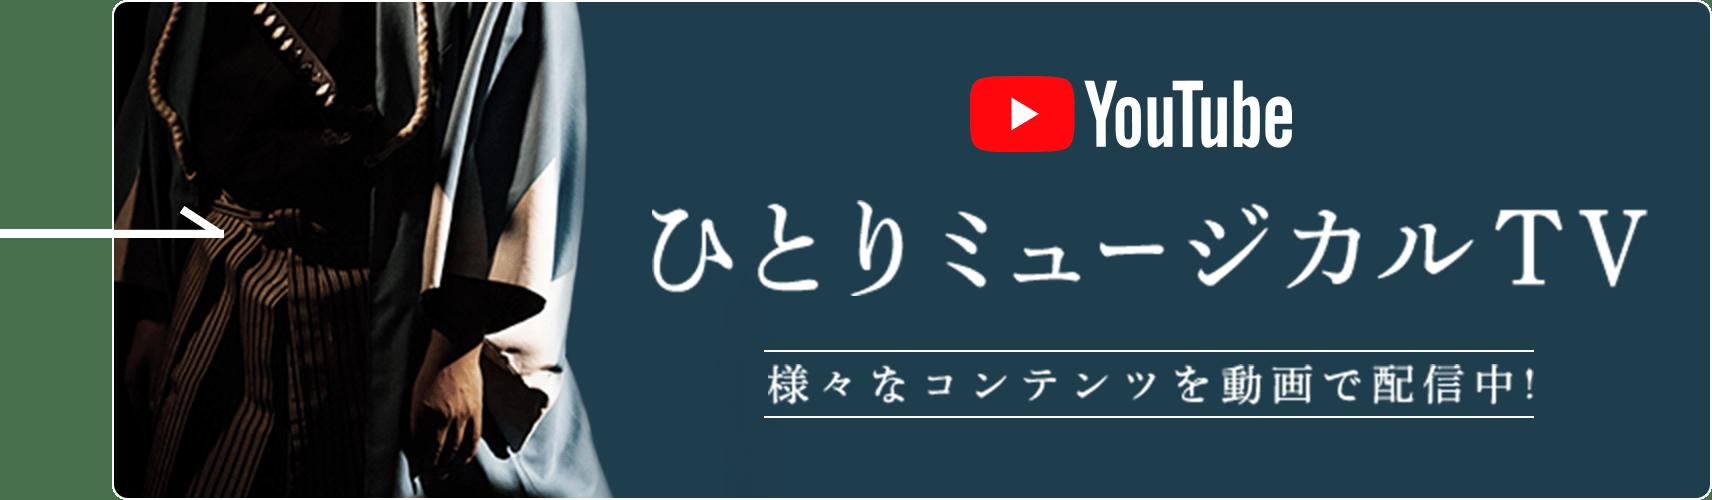 ひとりミュージカルTV